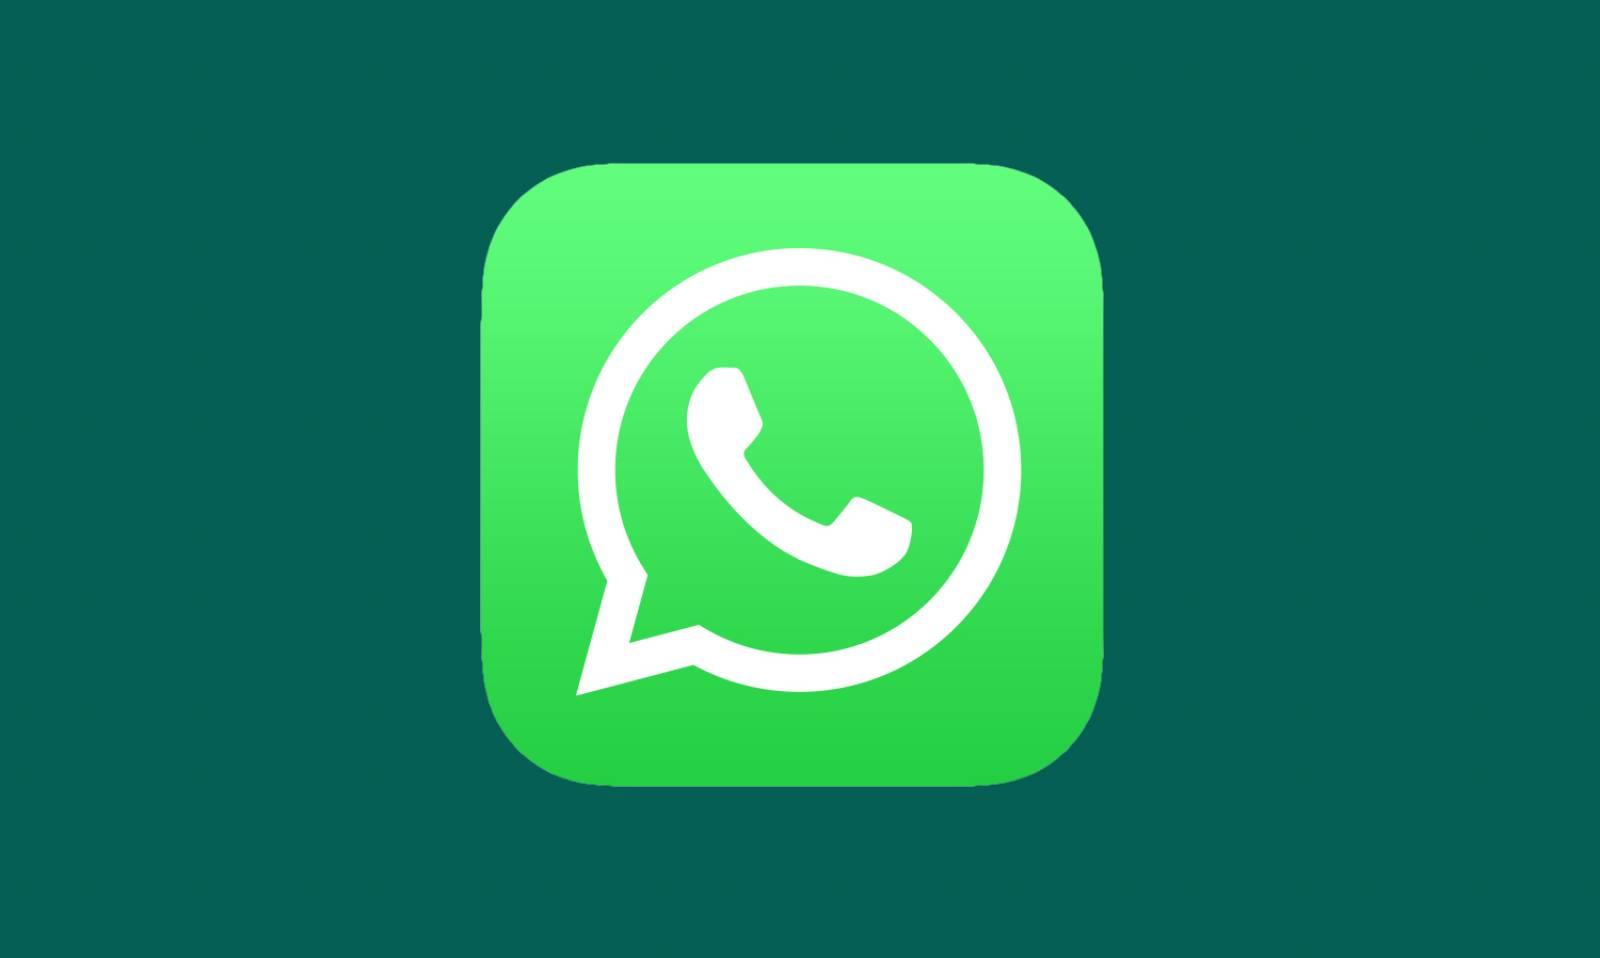 WhatsApp multilogin